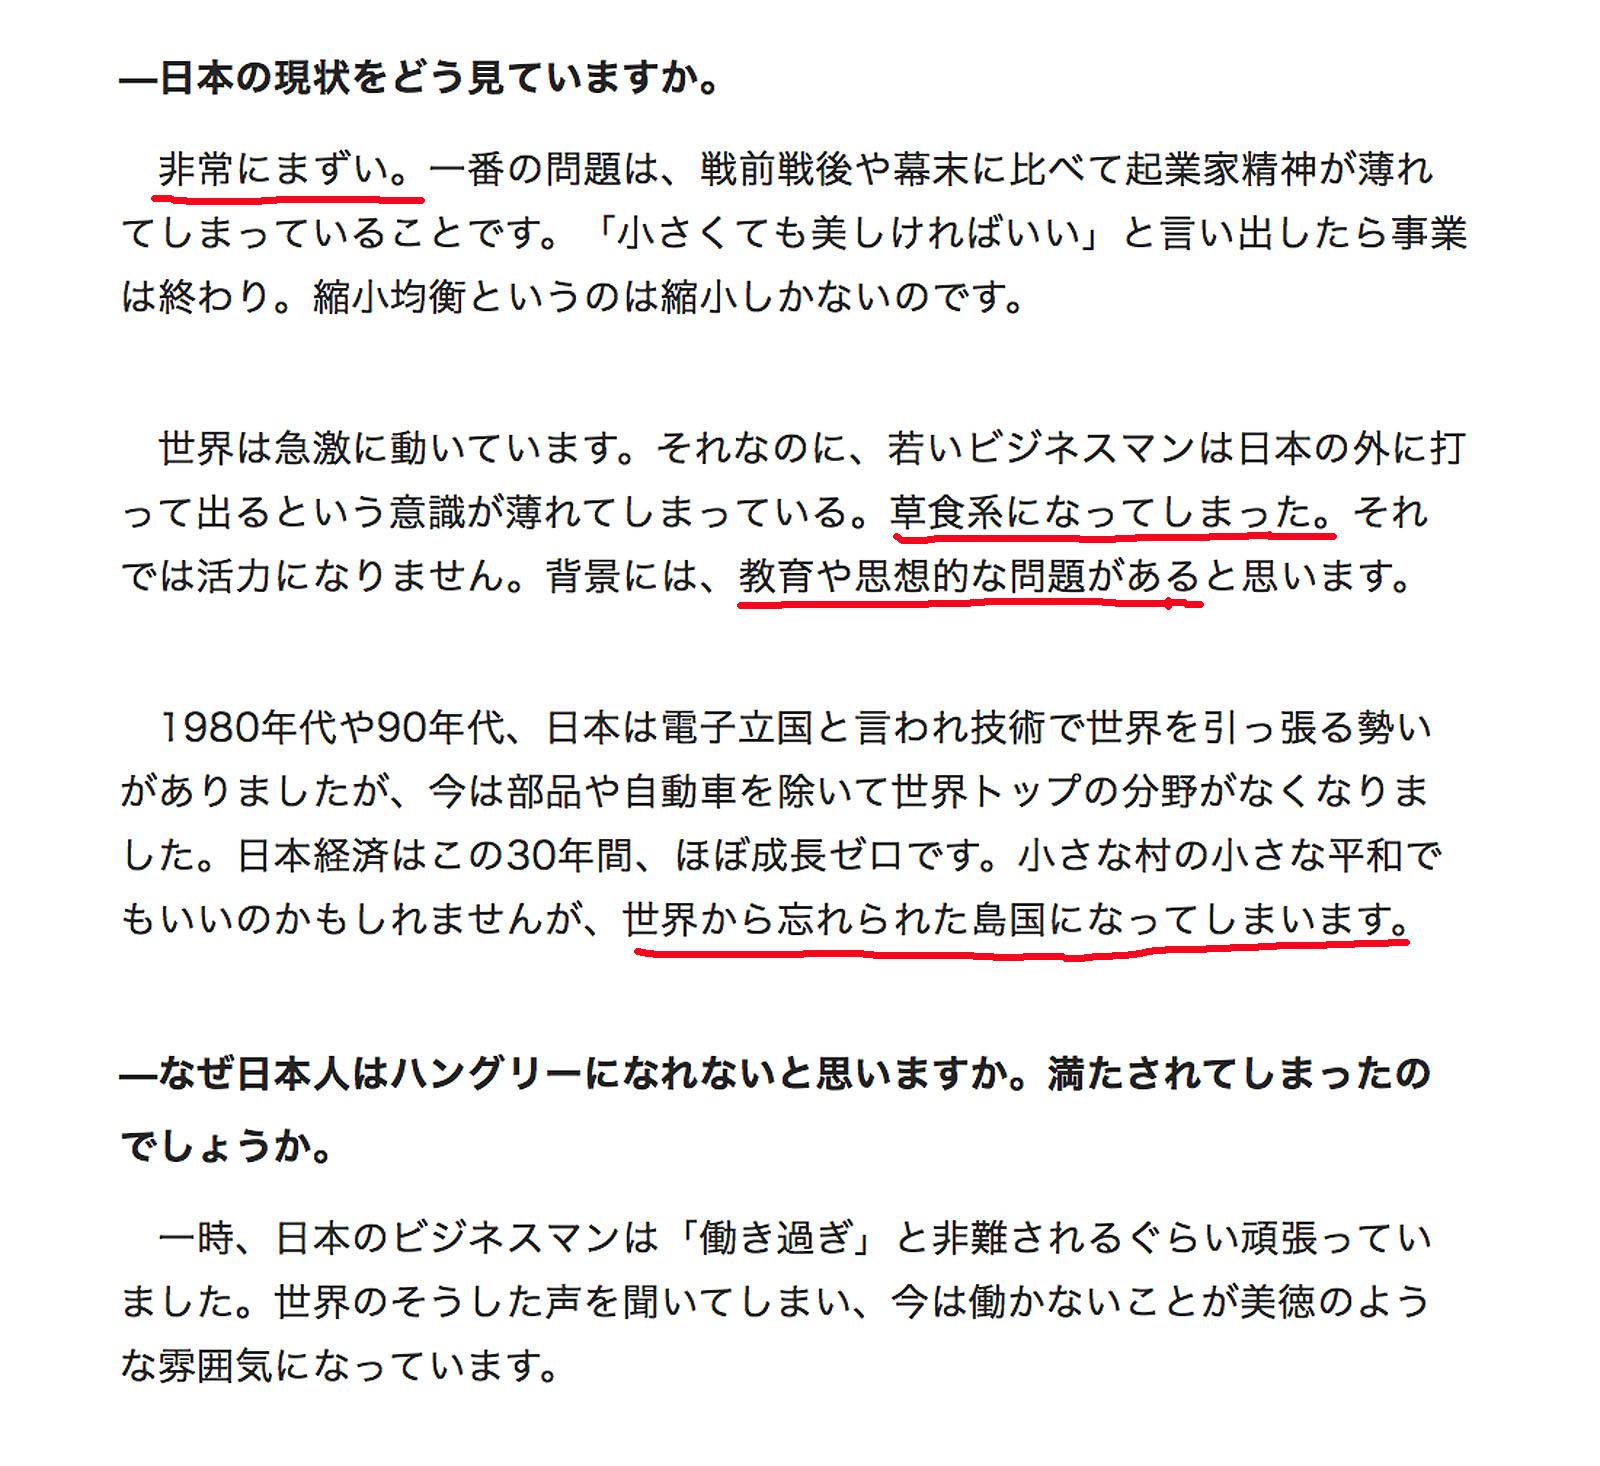 「このままでは日本は滅びる」というのは本当か? Facebookへの投稿から(91)_e0367501_10350417.jpg